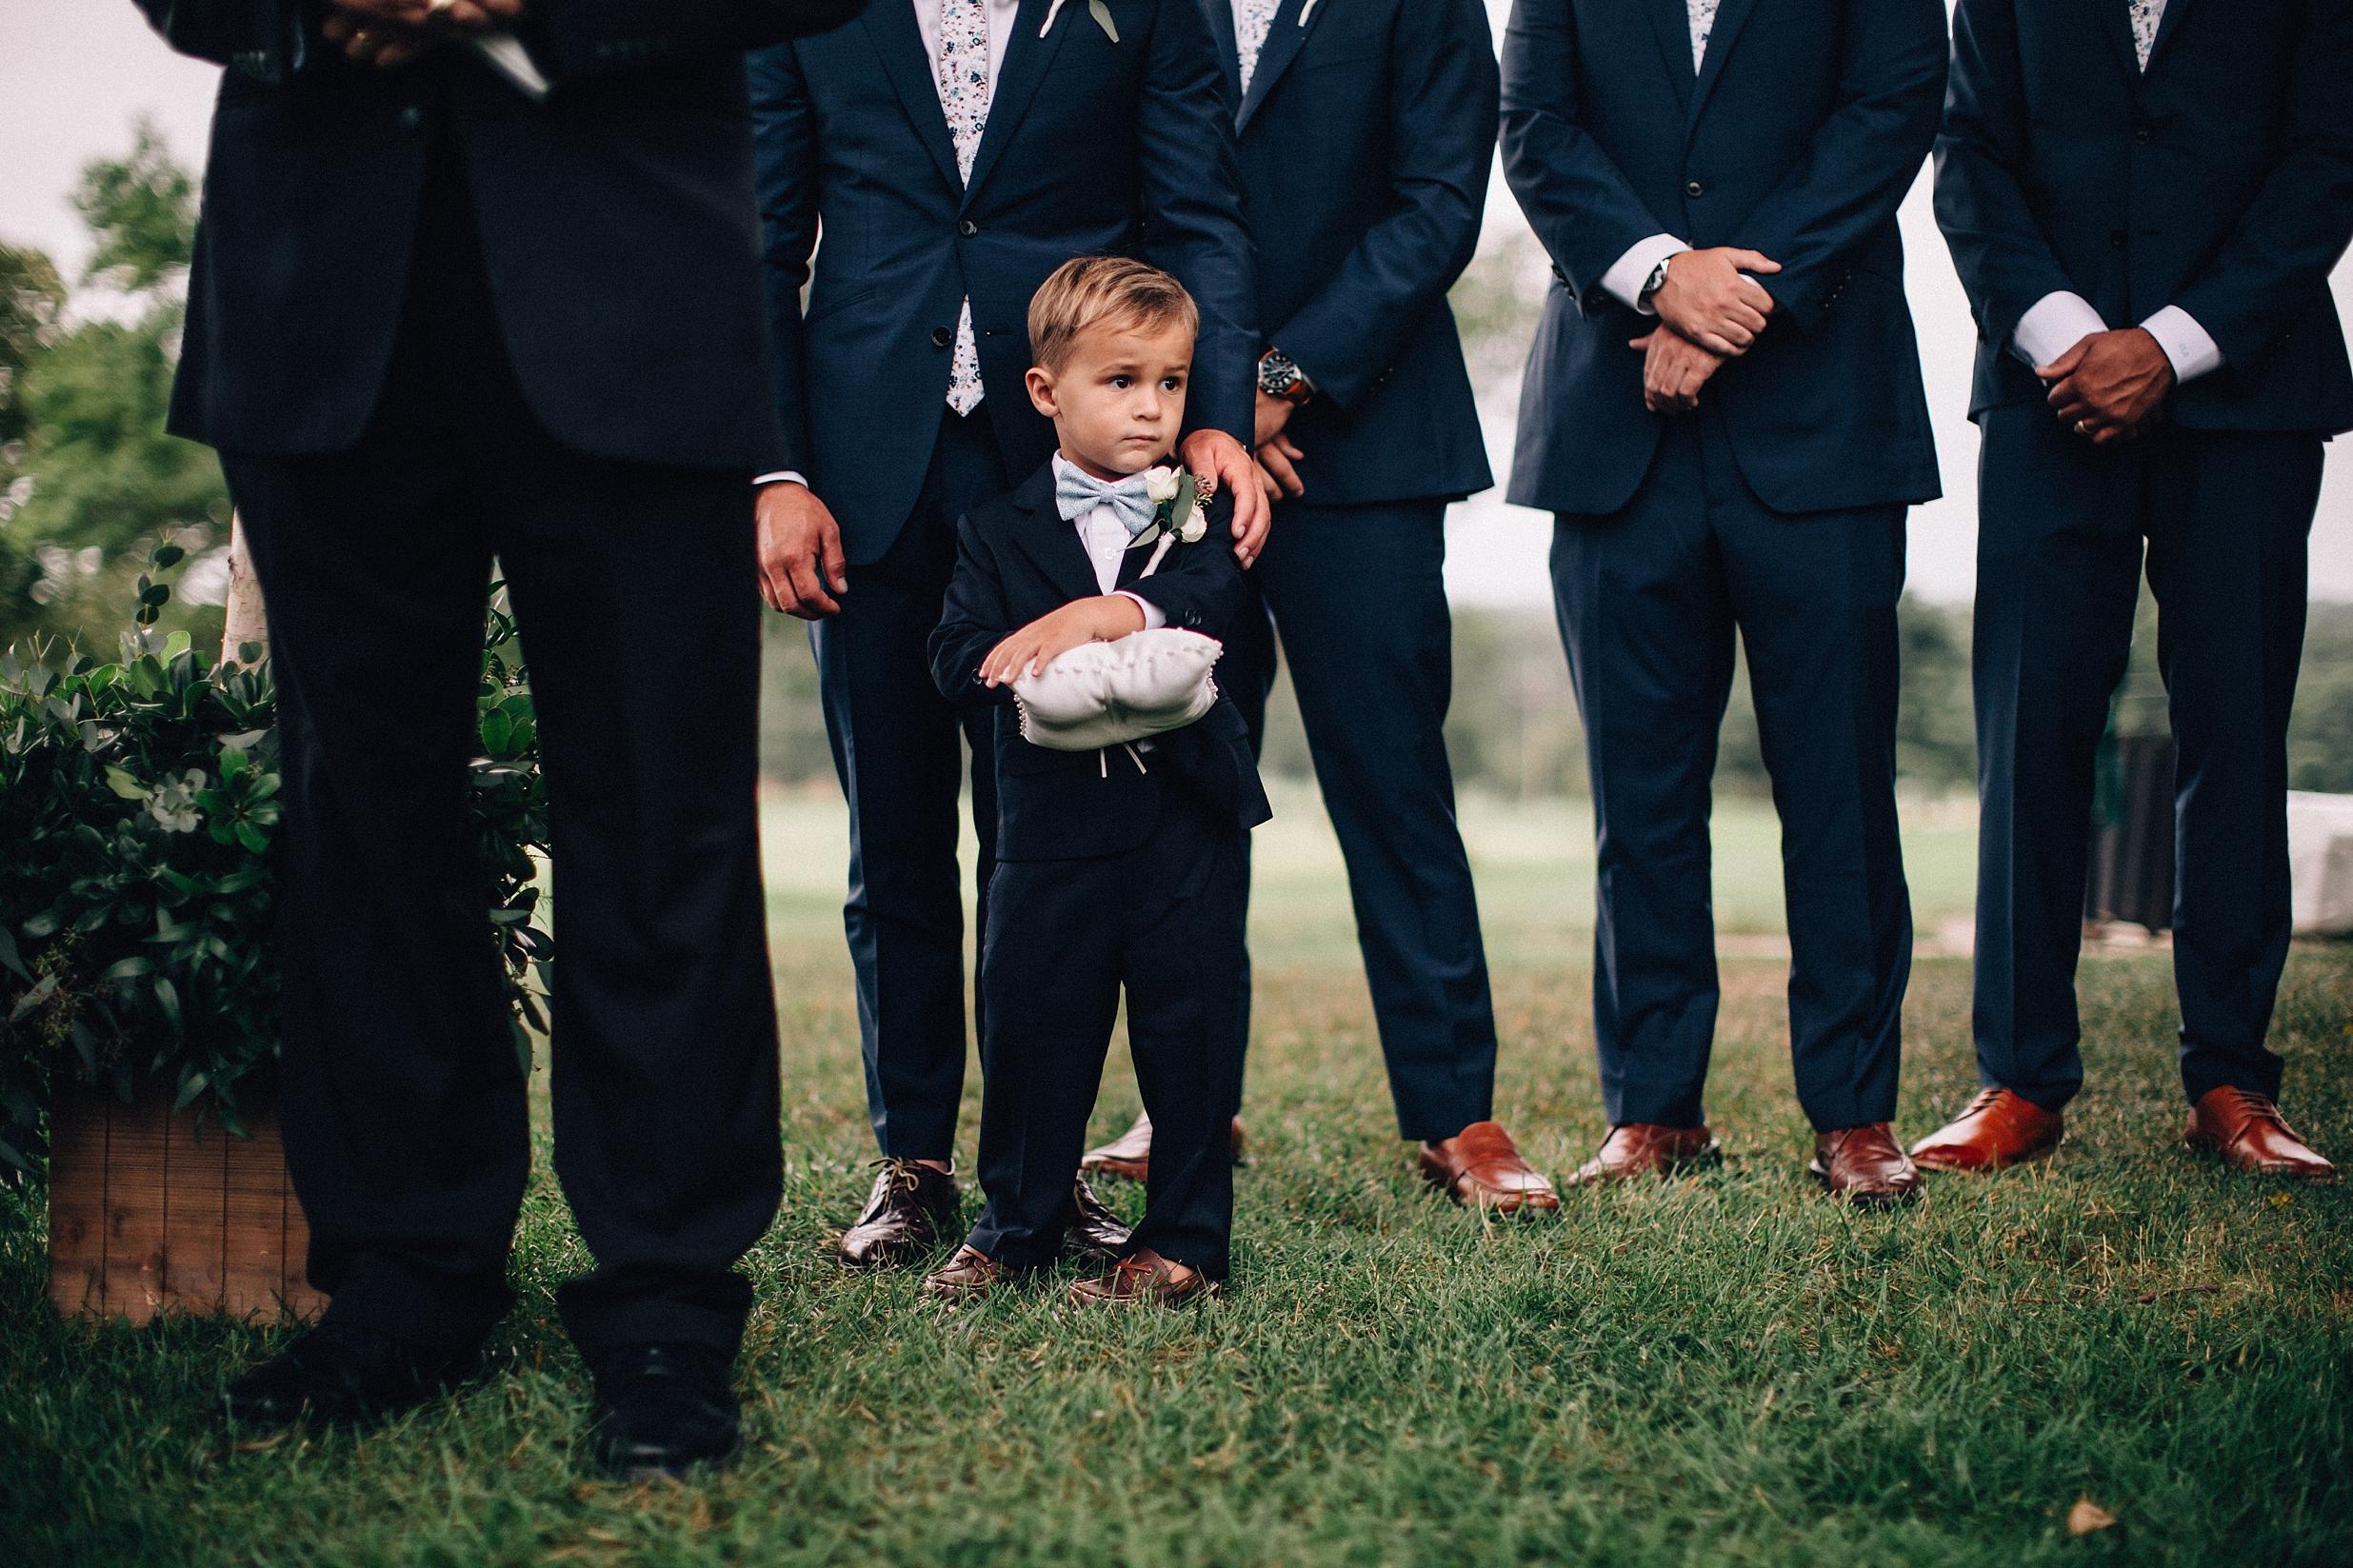 jersey-outdoor-ceremony-wedding-navasink-monmouth-rumson_0043.jpg